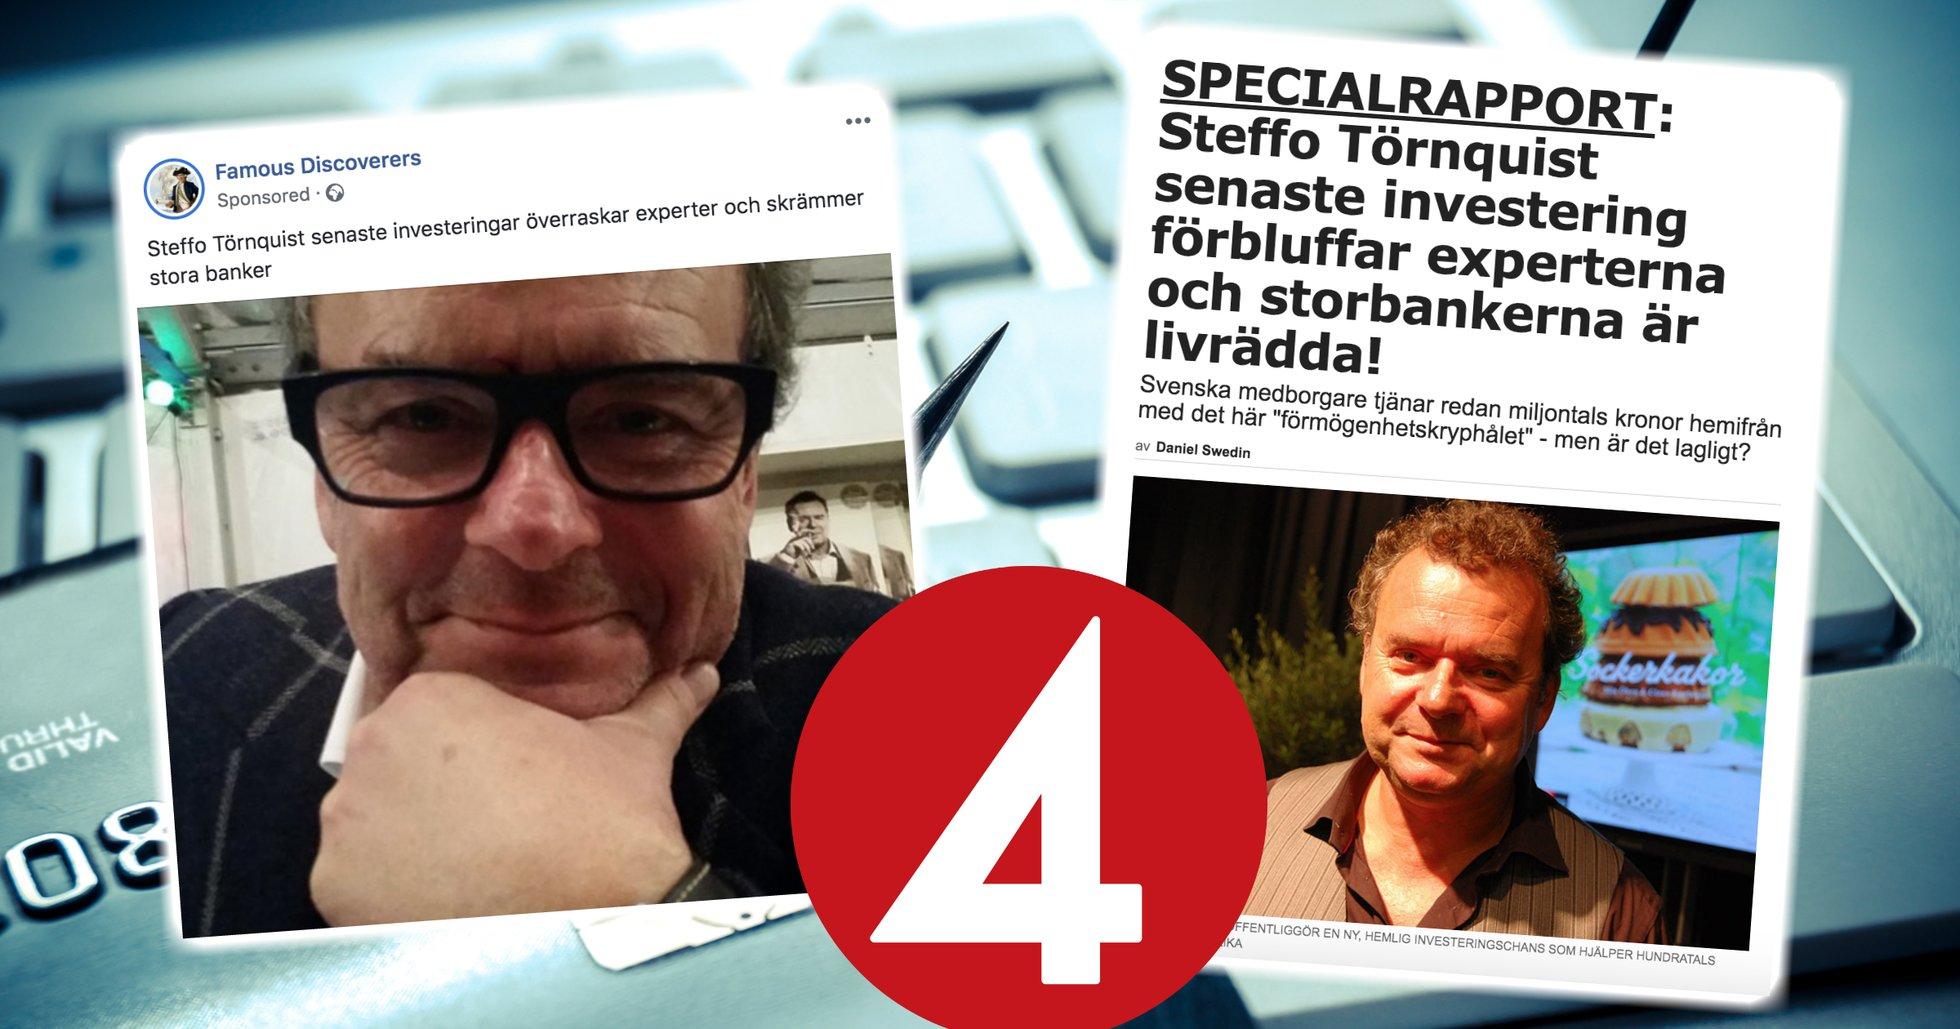 Steffo Törnquist utnyttjas i bitcoinbedrägeri – kopplar in TV4:s säkerhetsavdelning.